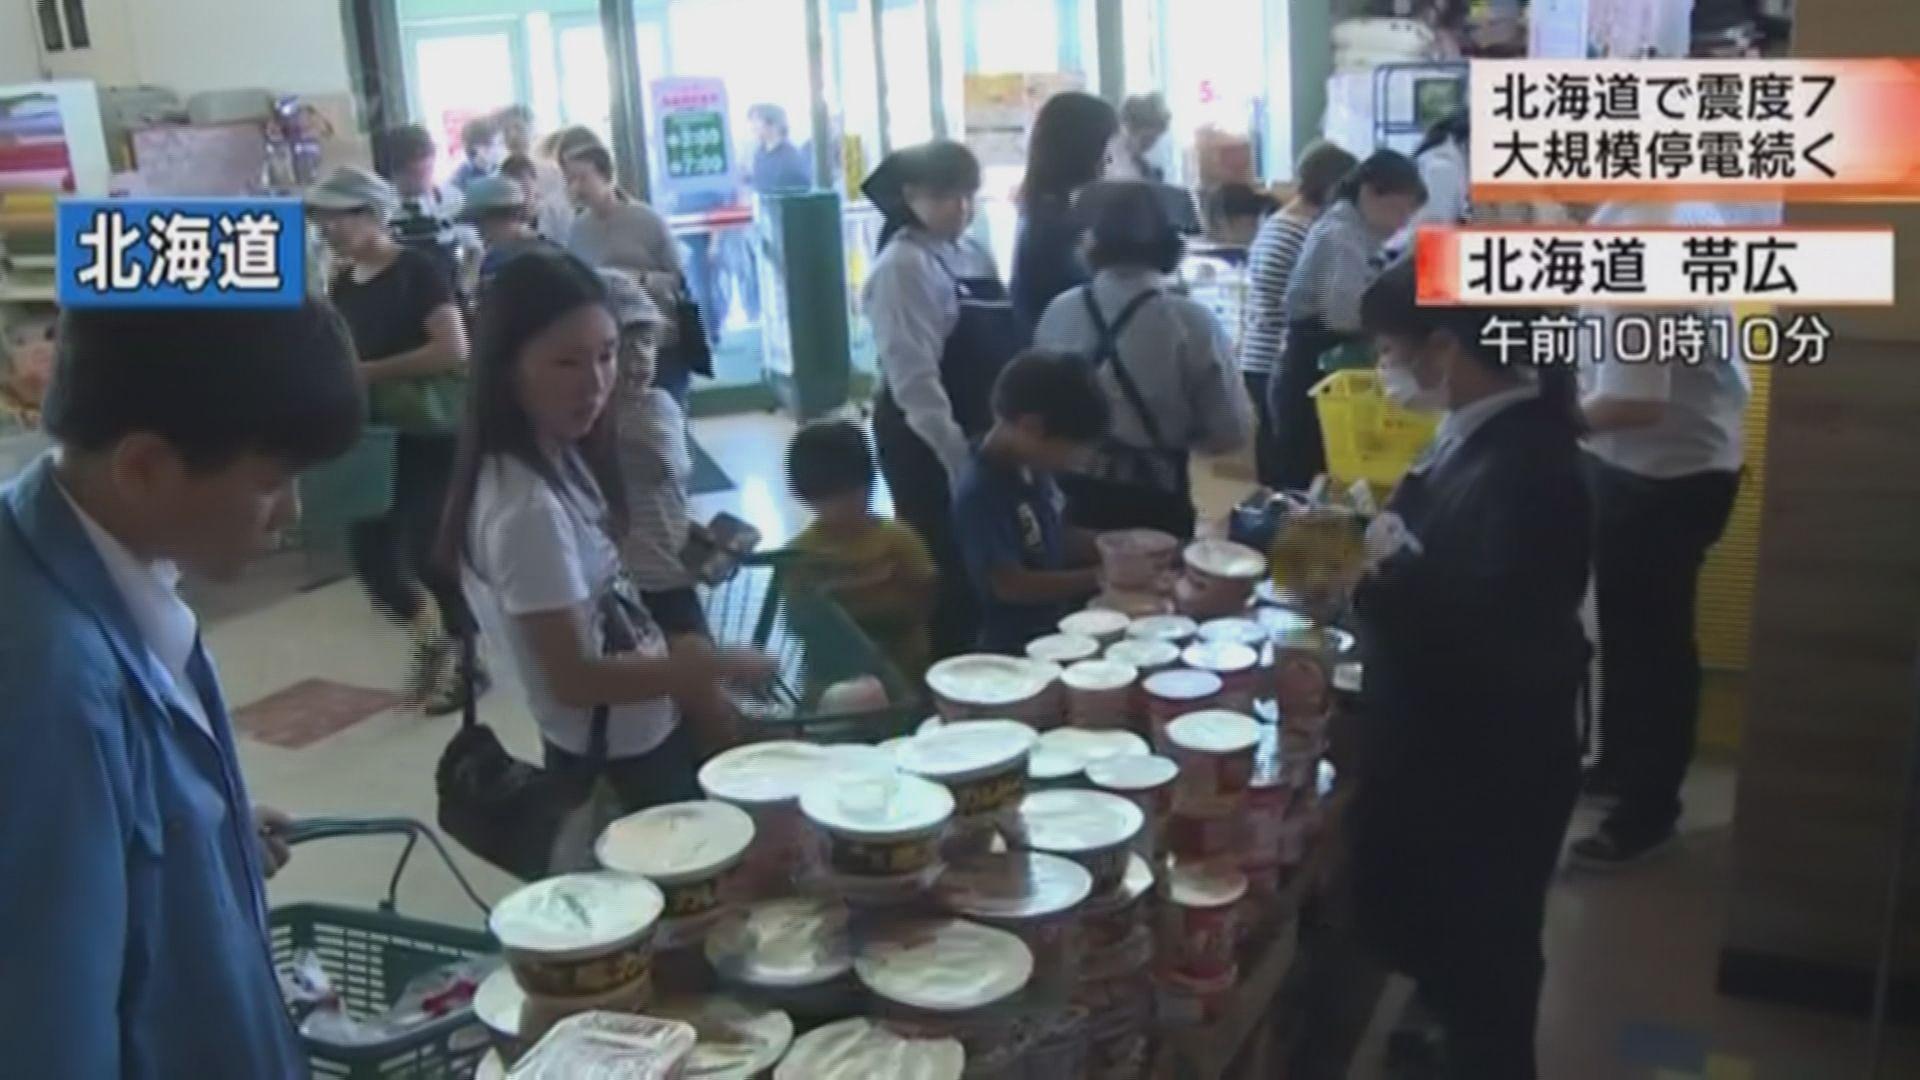 受地震影響多家商戶及工廠停業